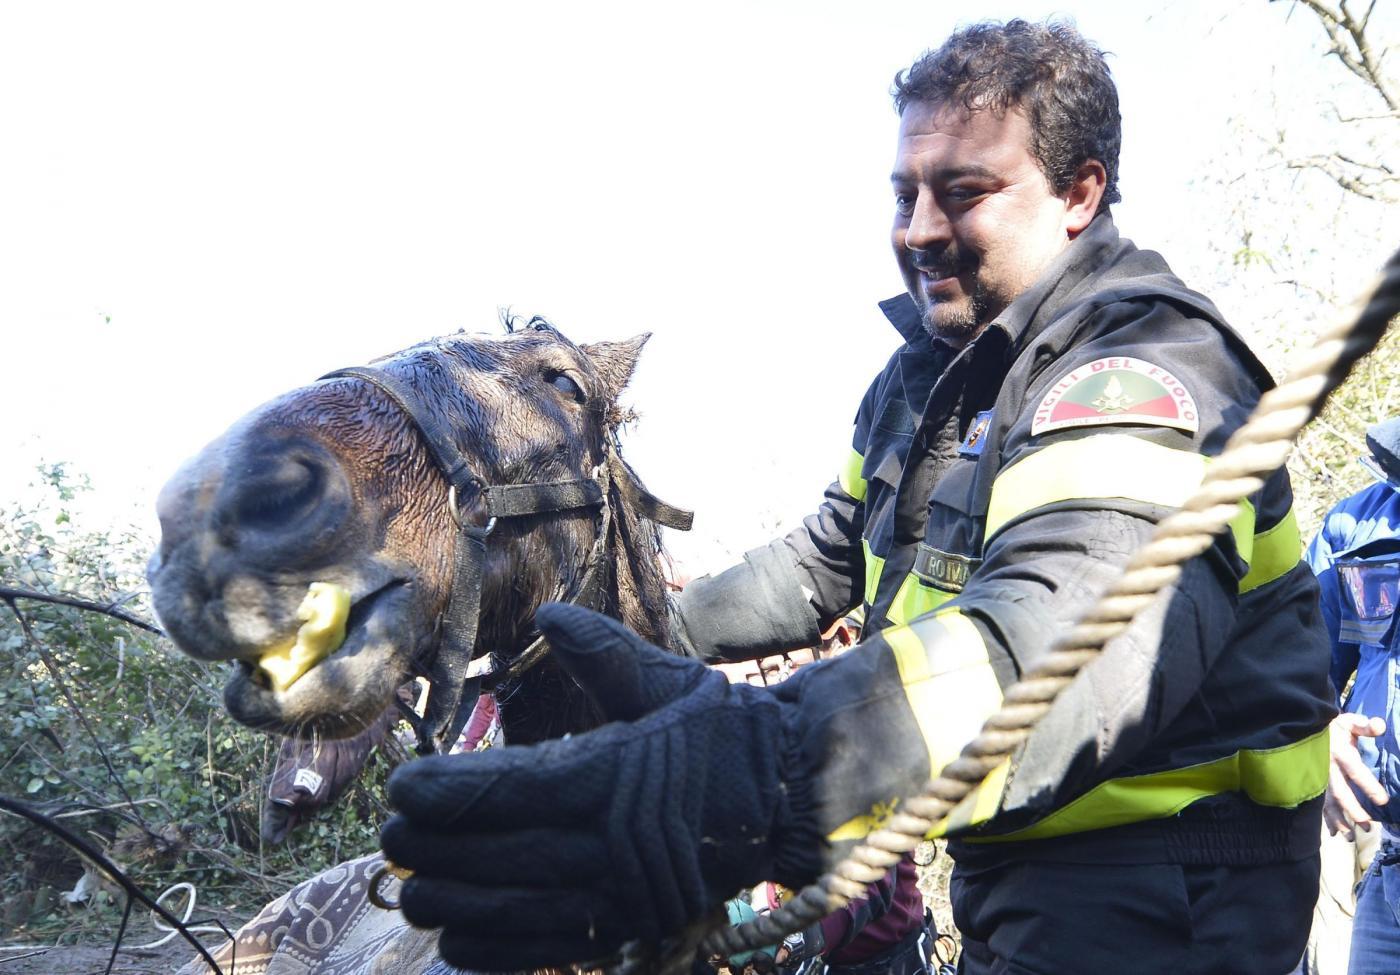 Roma: Salvataggio cavallo nel fiume Aniene16